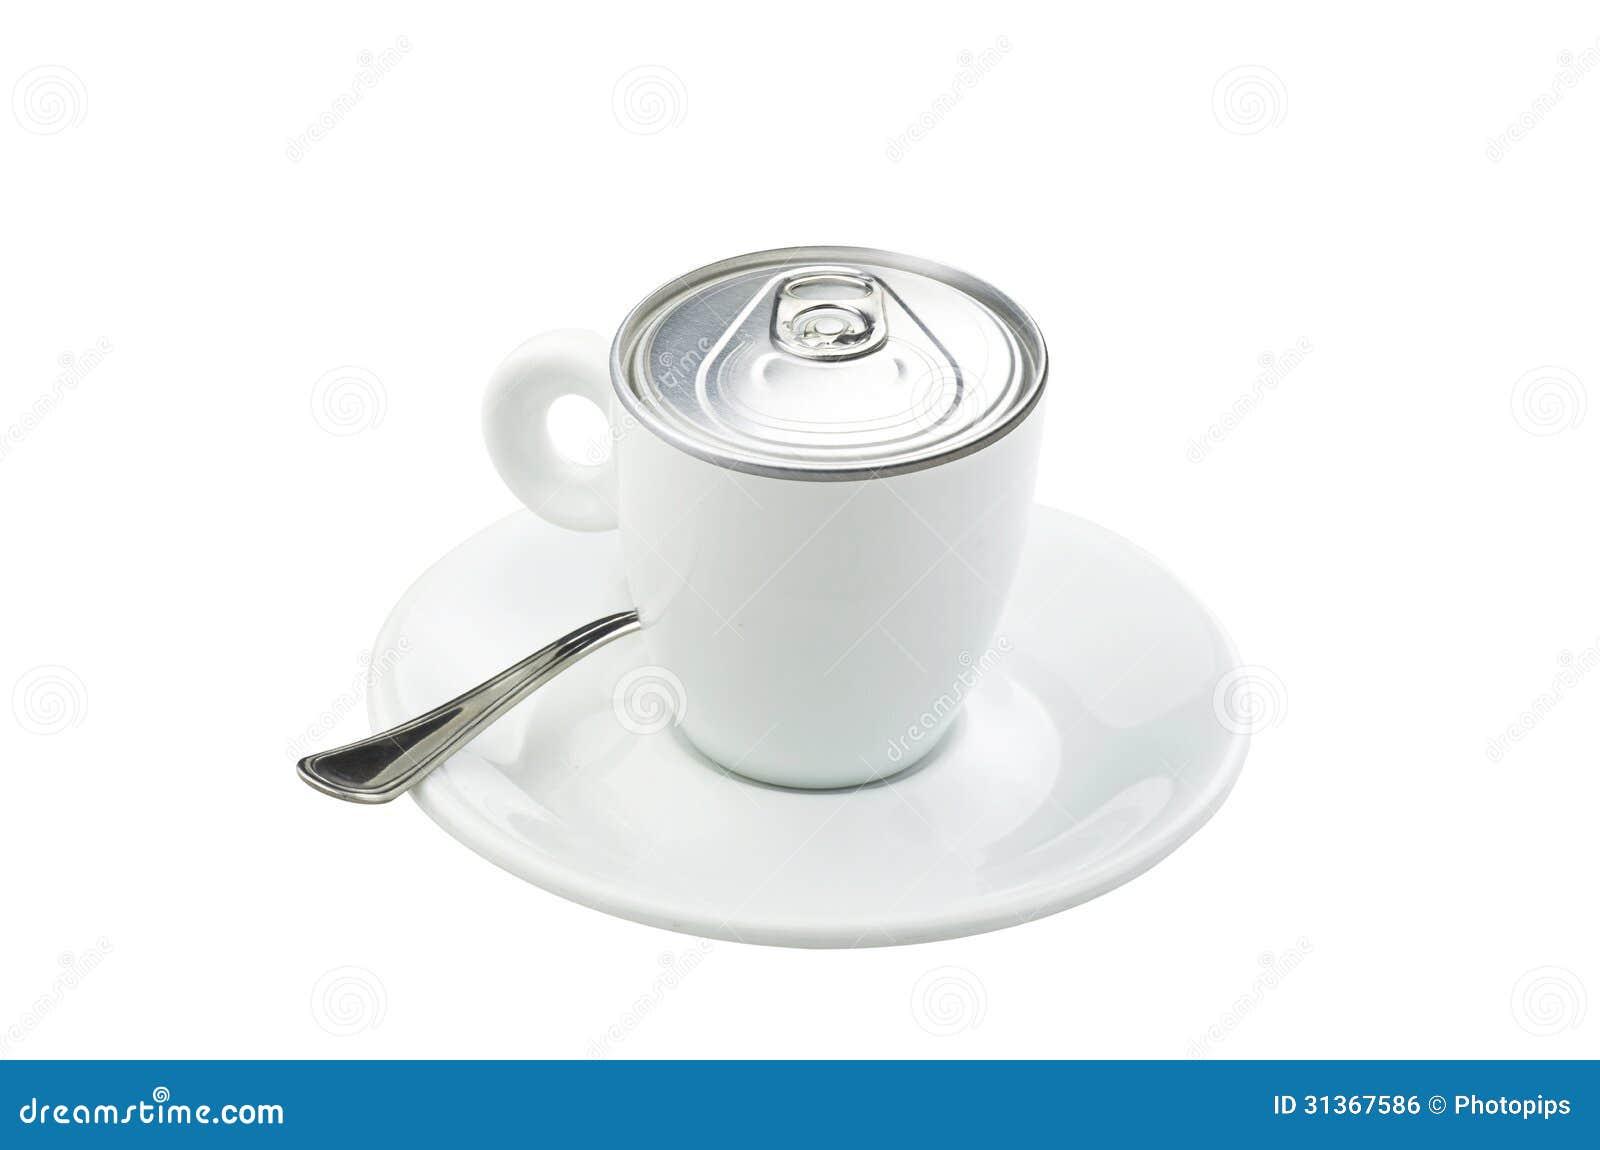 Caf para llevar imagen de archivo libre de regal as for Cafe para llevar